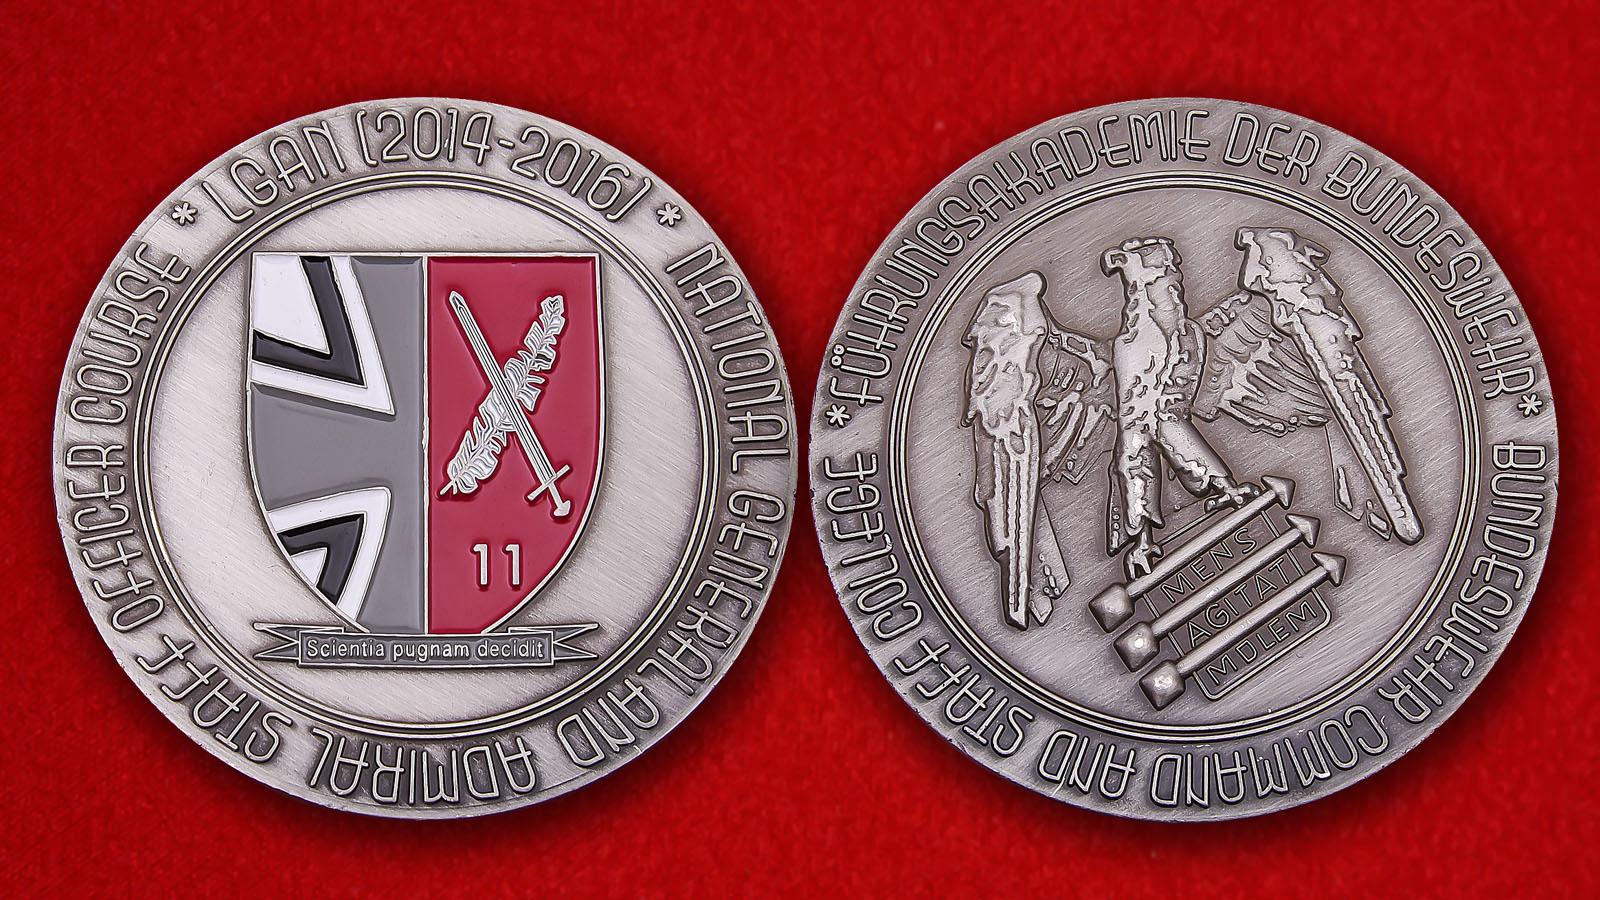 Führungsakademie Der Bundeswehr Command And Staff College Challenge Coin